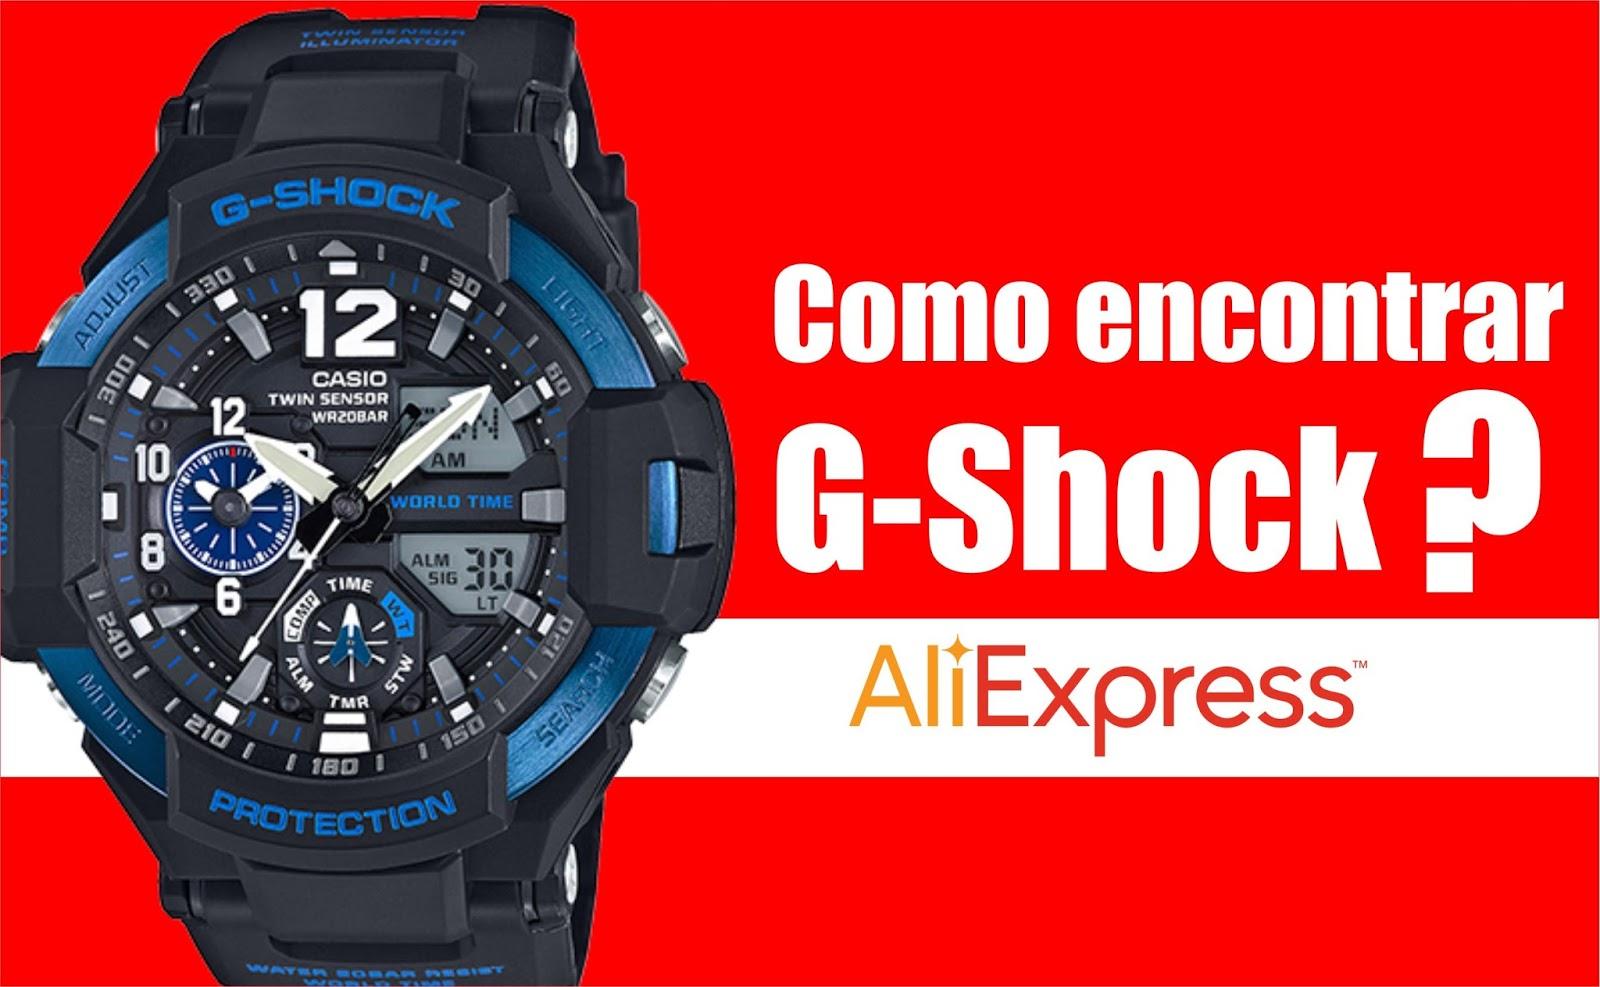 b973896c34d COMO COMPRAR RELÓGIO CASIO G-SHOK DO ALIEXPRESS - Dicas Poderosas ...